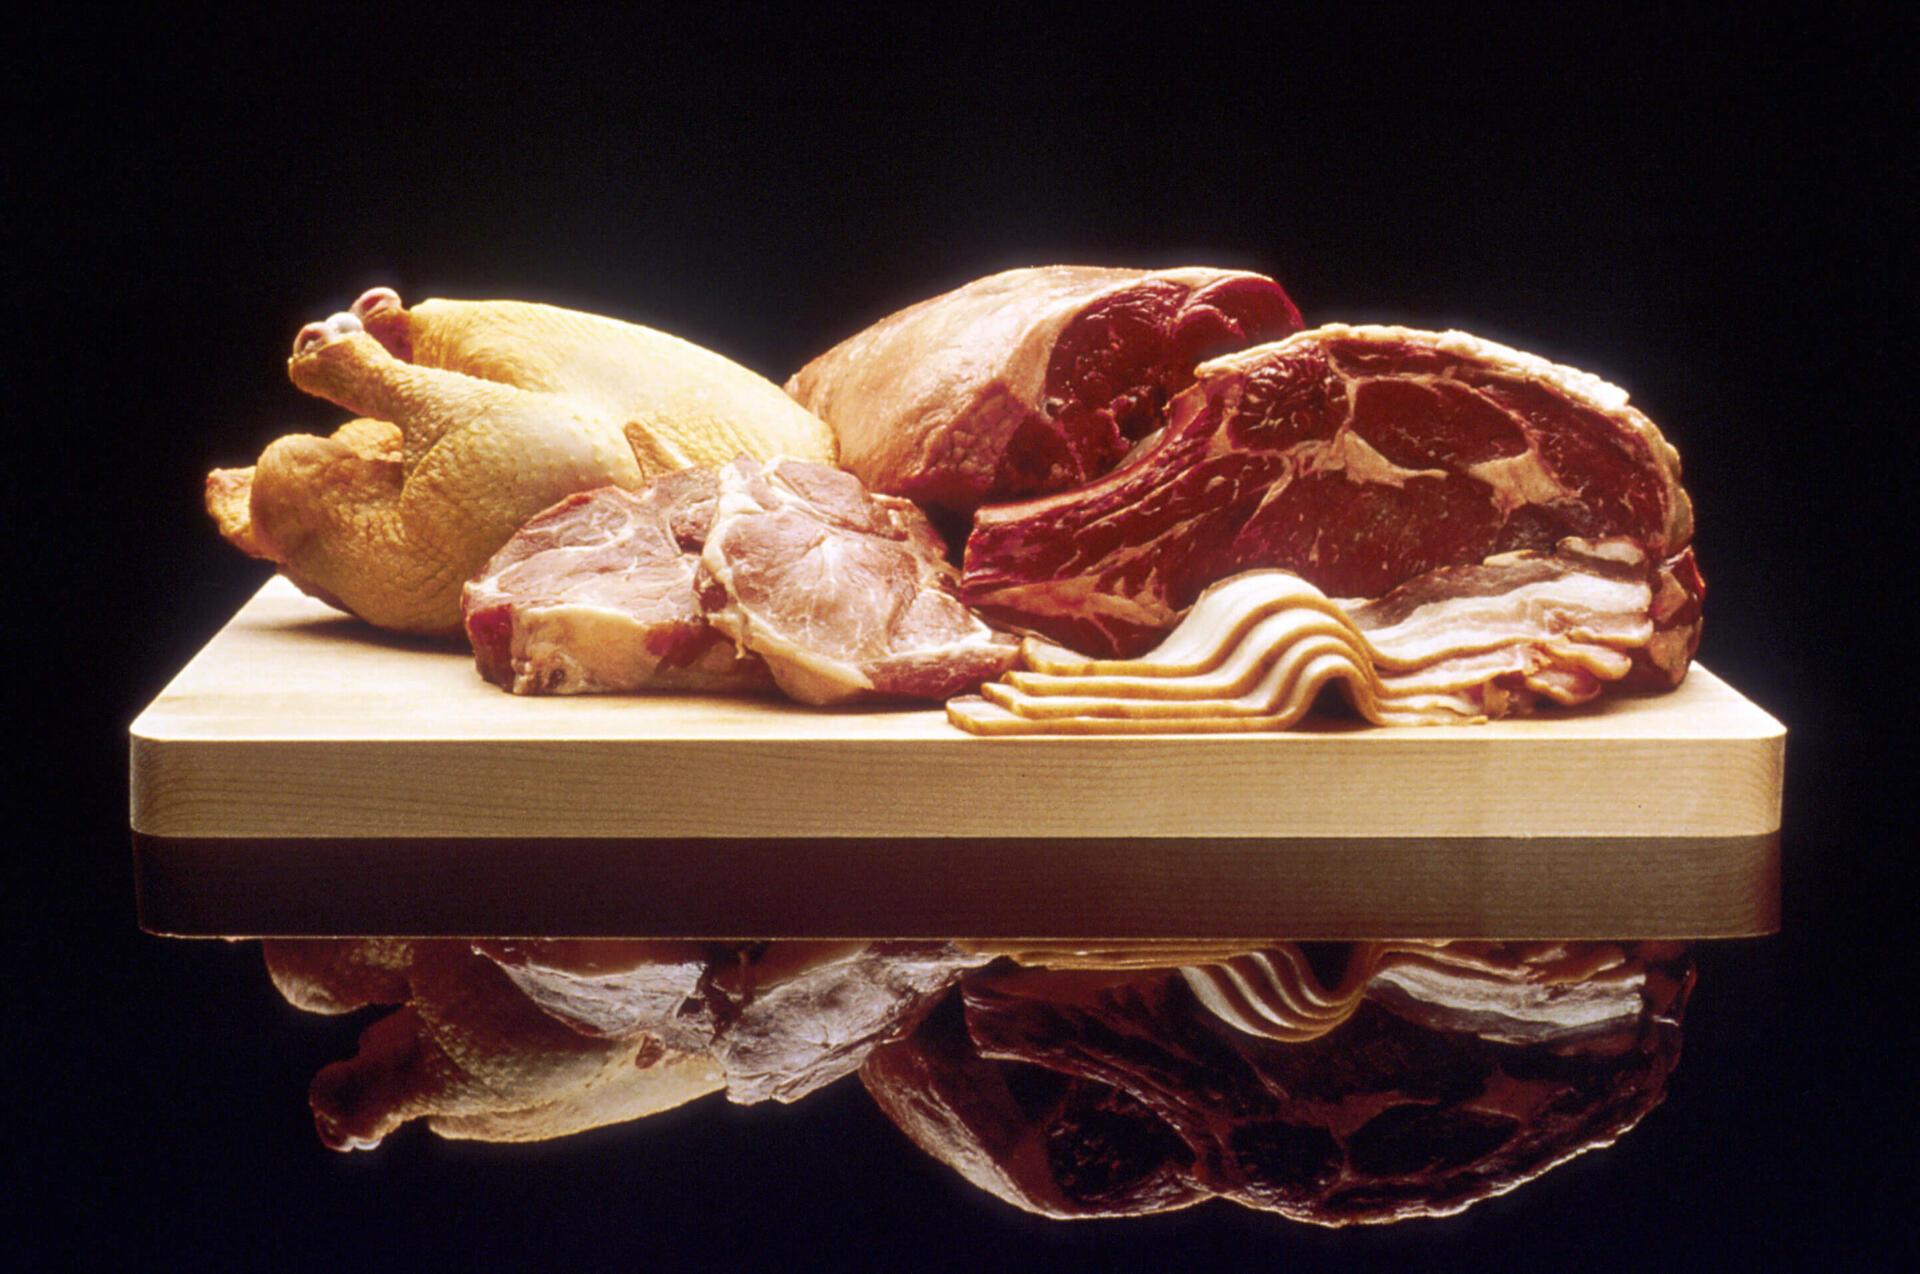 Valore nutrizionale della carne - Caratteristiche ed importanza nella dieta e nell'alimentazione